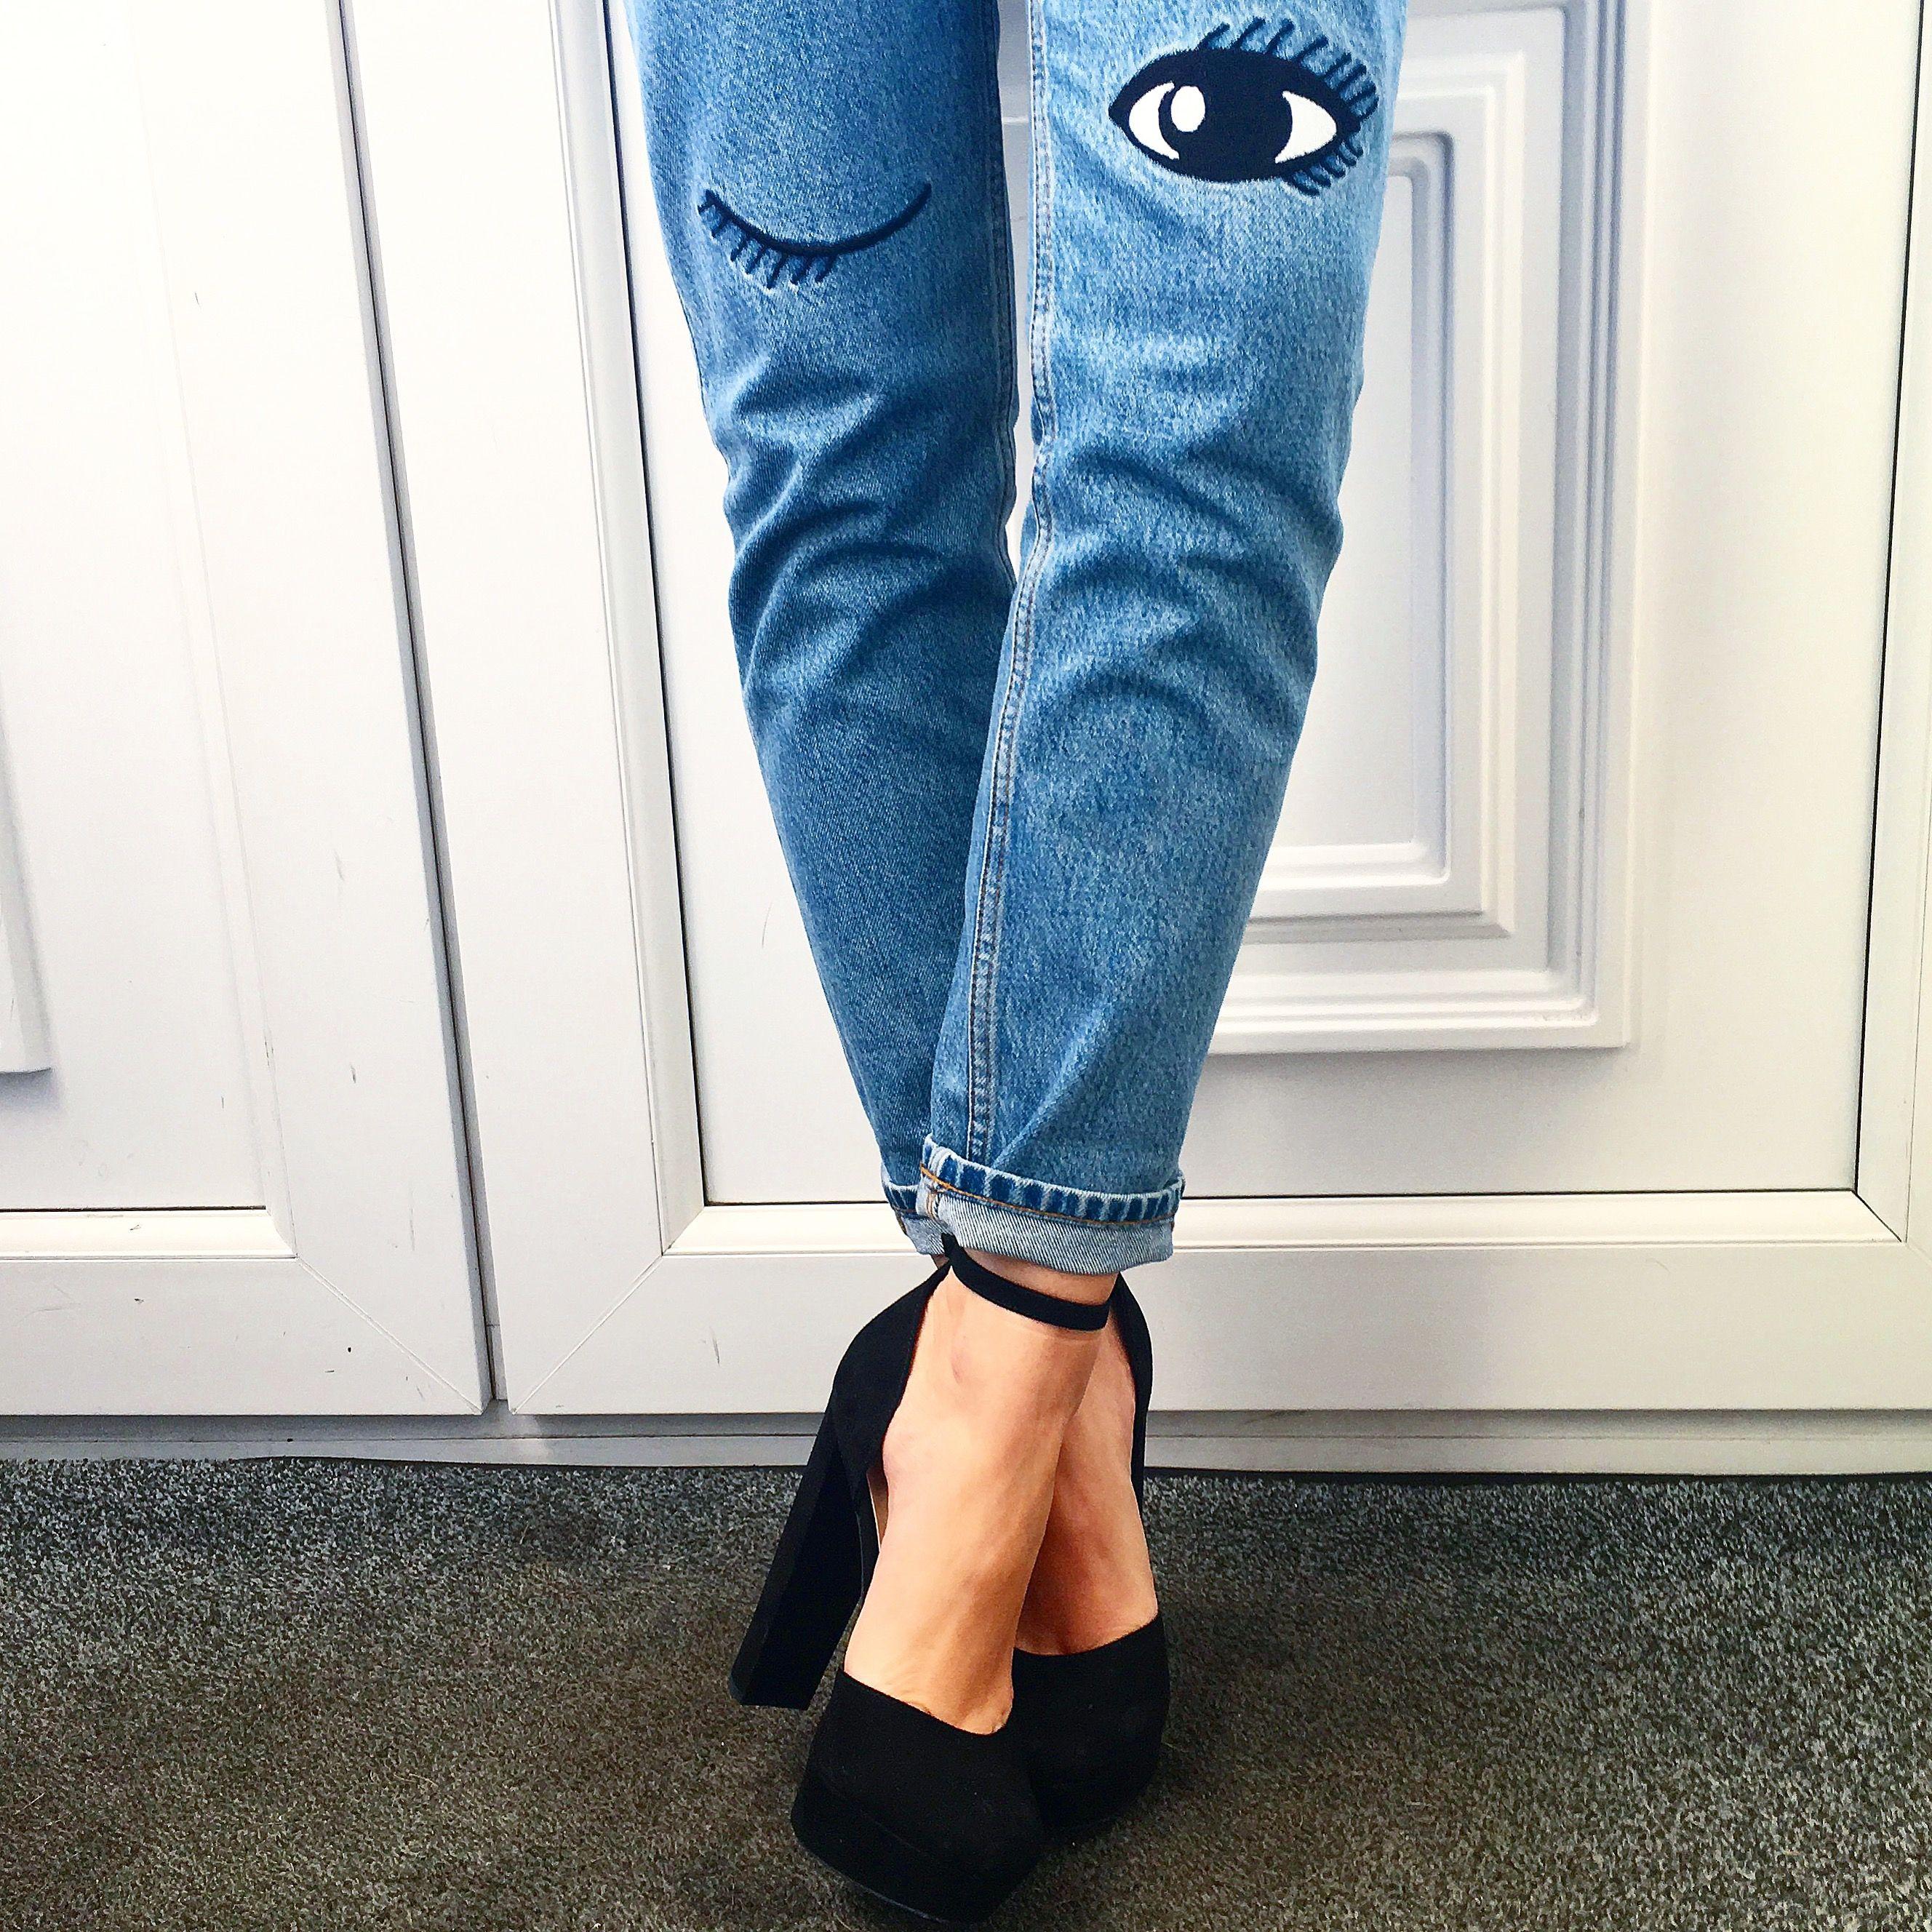 Schockverliebt in diese geniale Kombi aus Mom-Jeans und Riemchensandalette,  die uns hier so neckisch anzwinkert  3 17412e41f3